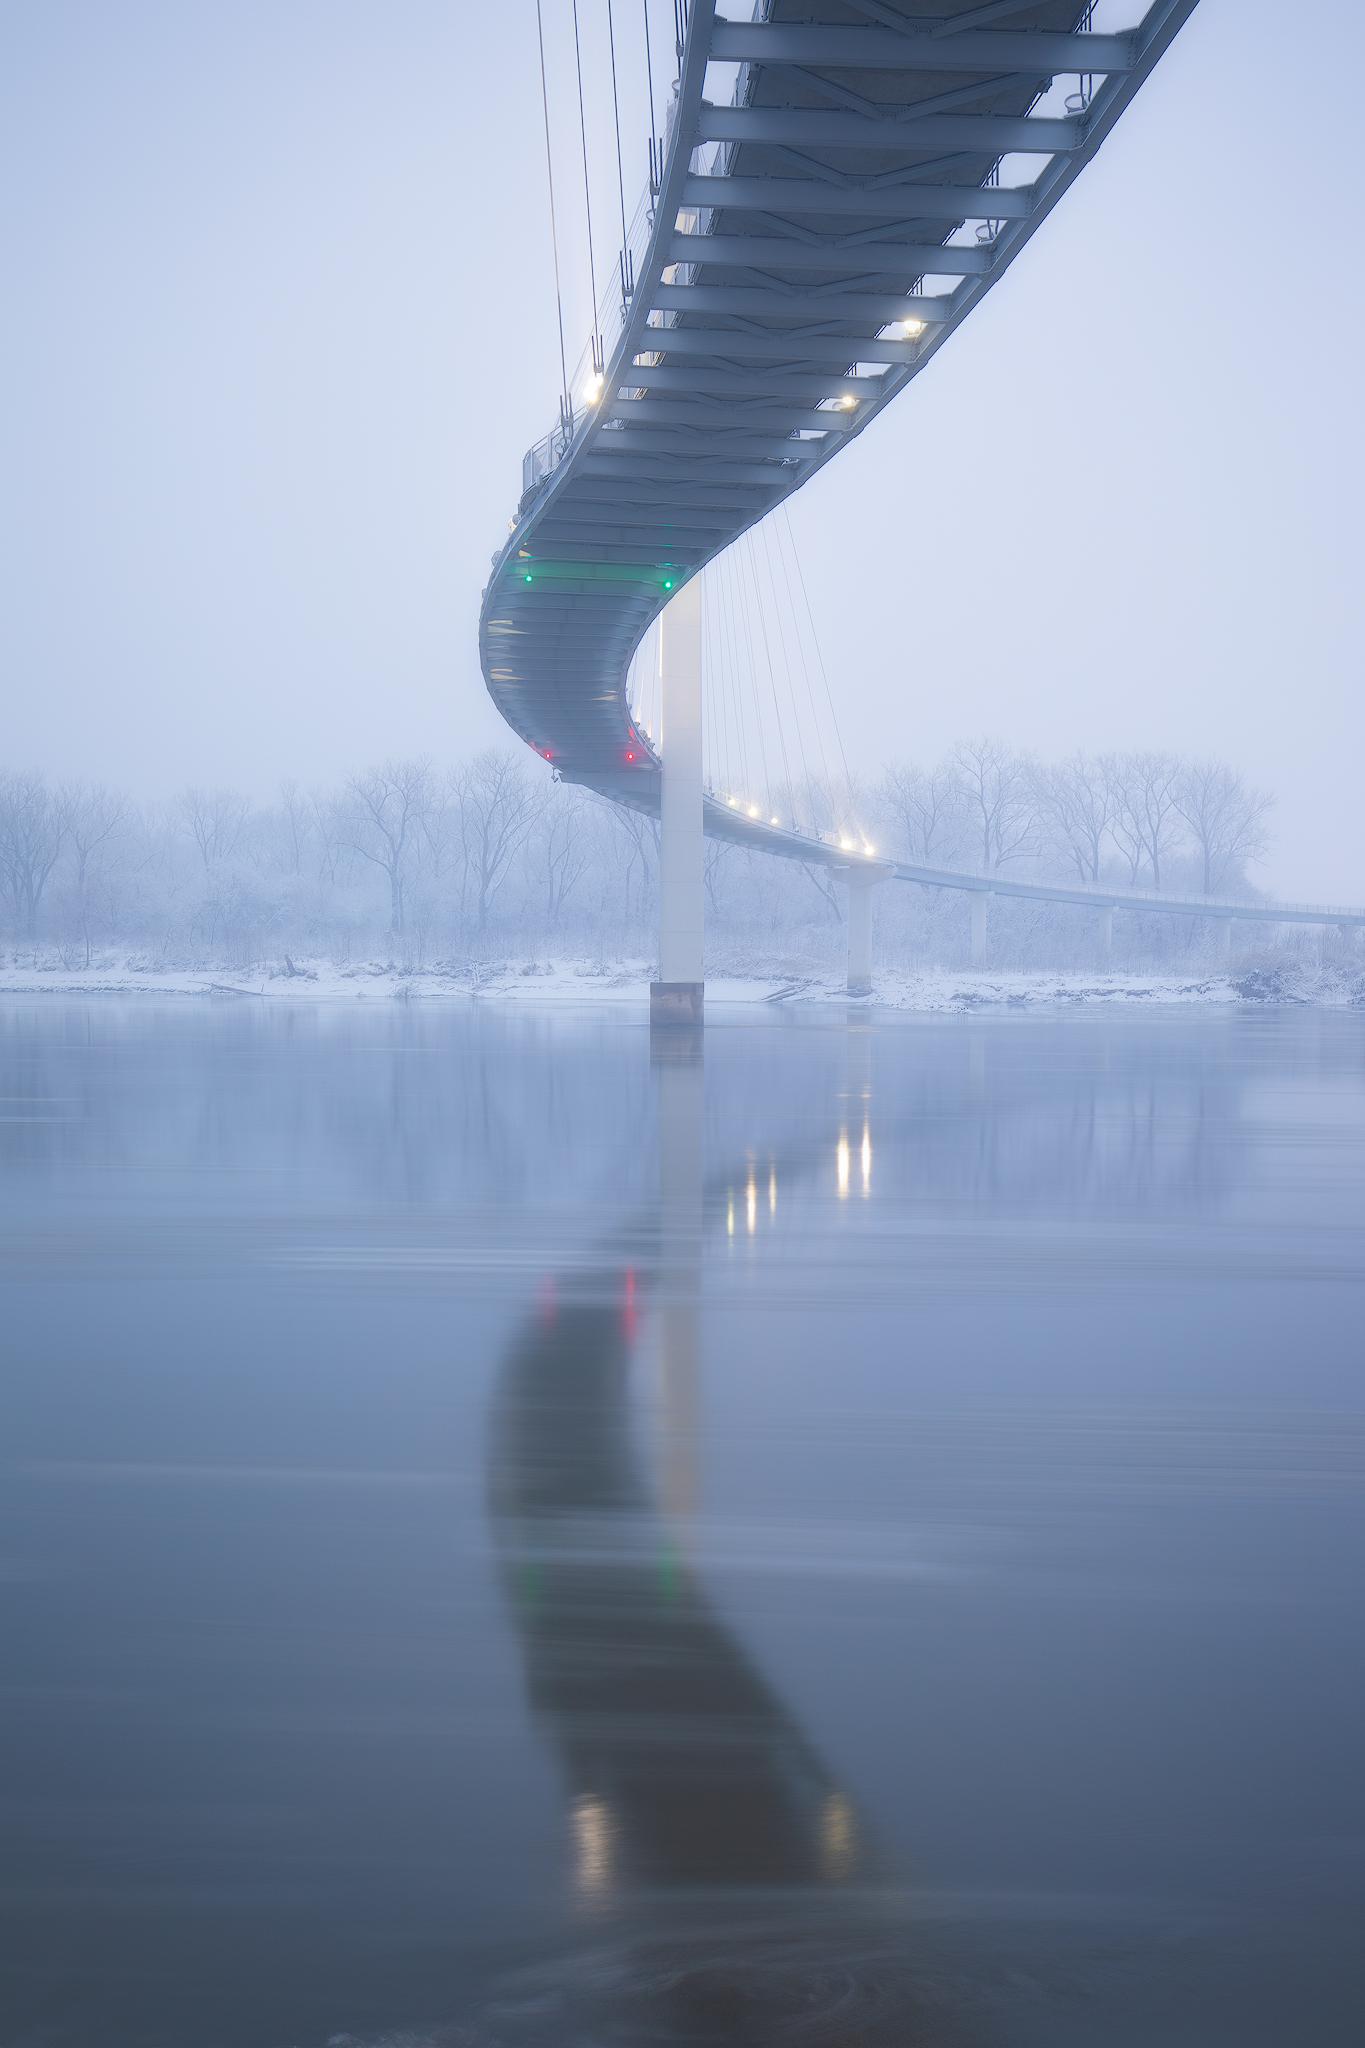 Bob Kerry Pedestrian Bridge - 35mm - ISO 100 - f/7.1 - 3.2 sec.